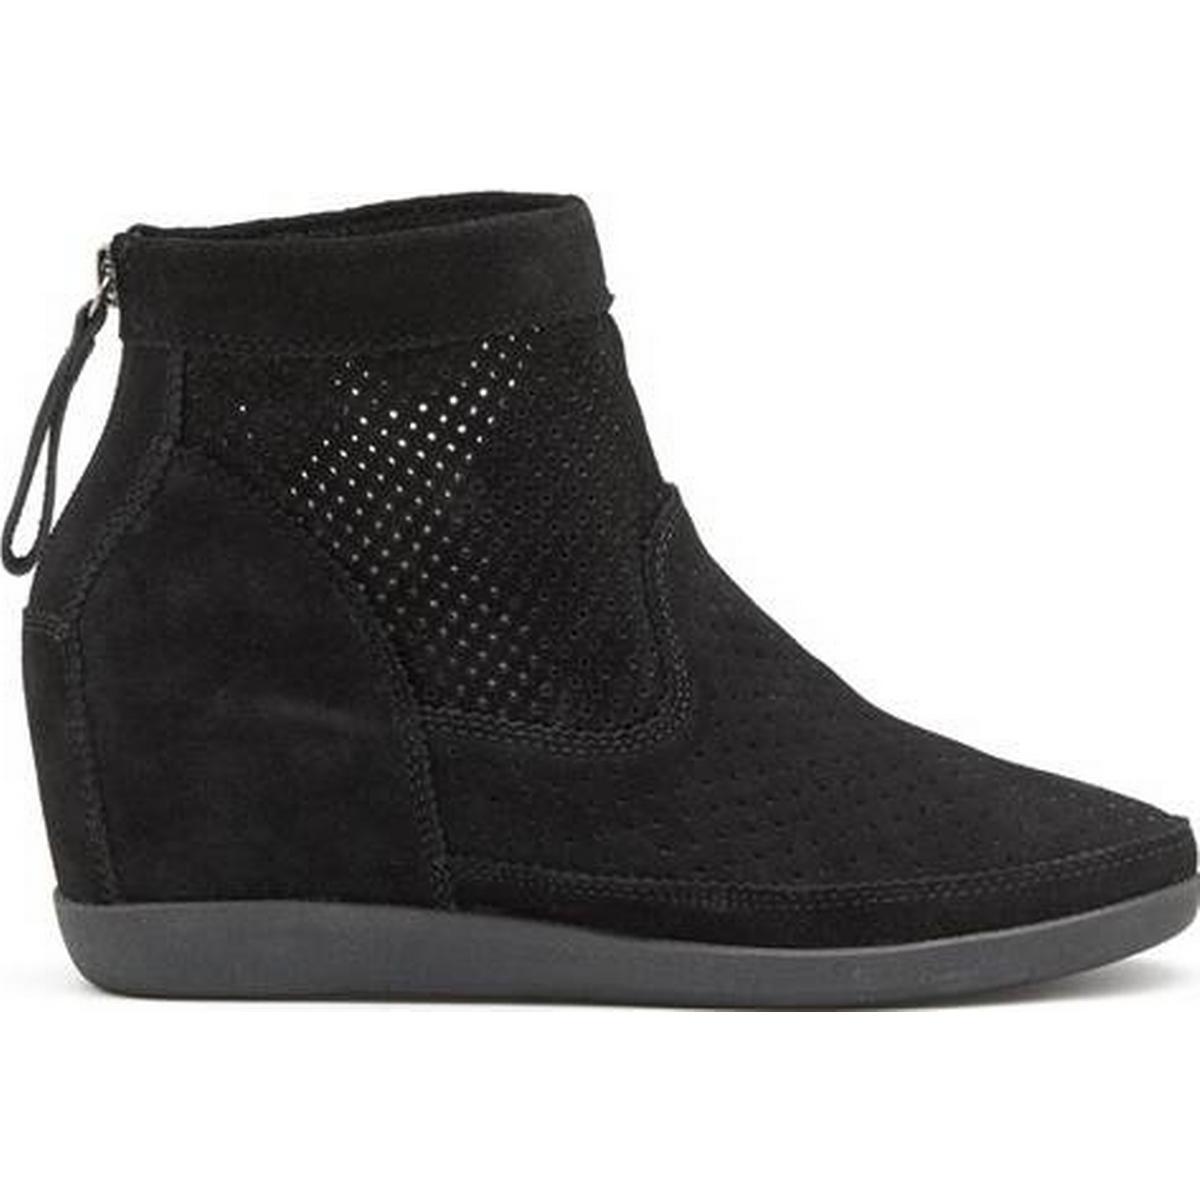 f37c370f620 Shoe The Bear Sneakers - Sammenlign priser hos PriceRunner